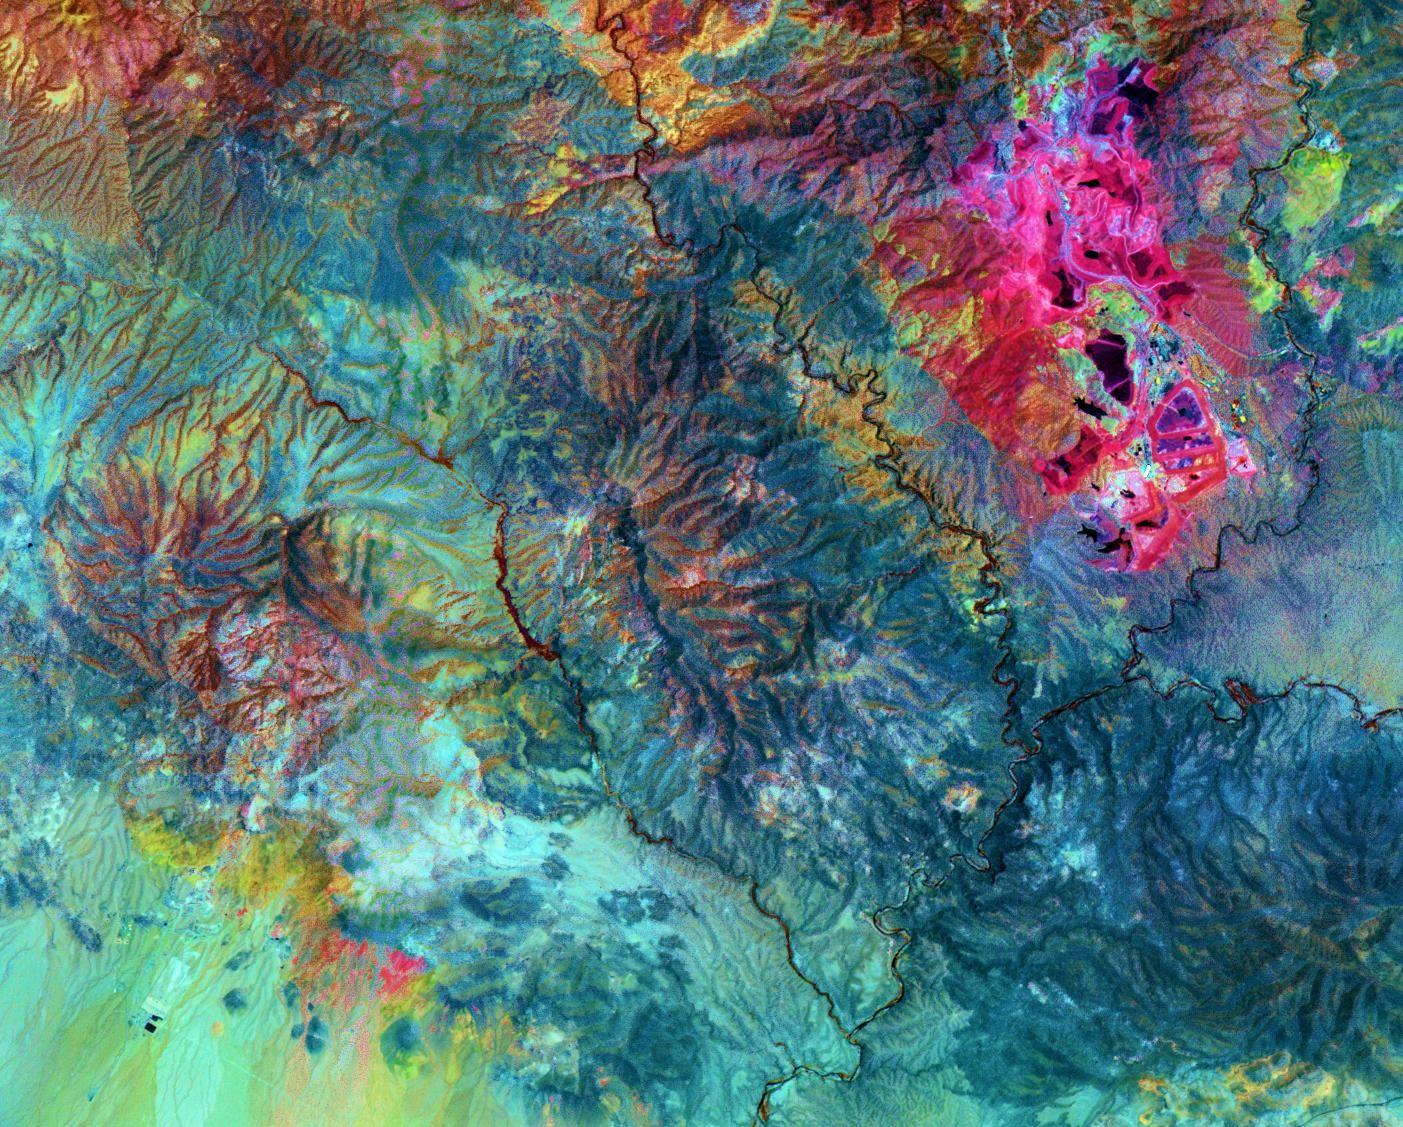 Fond d 39 cran la peinture sous marin r cif de corail for Art moderne peinture